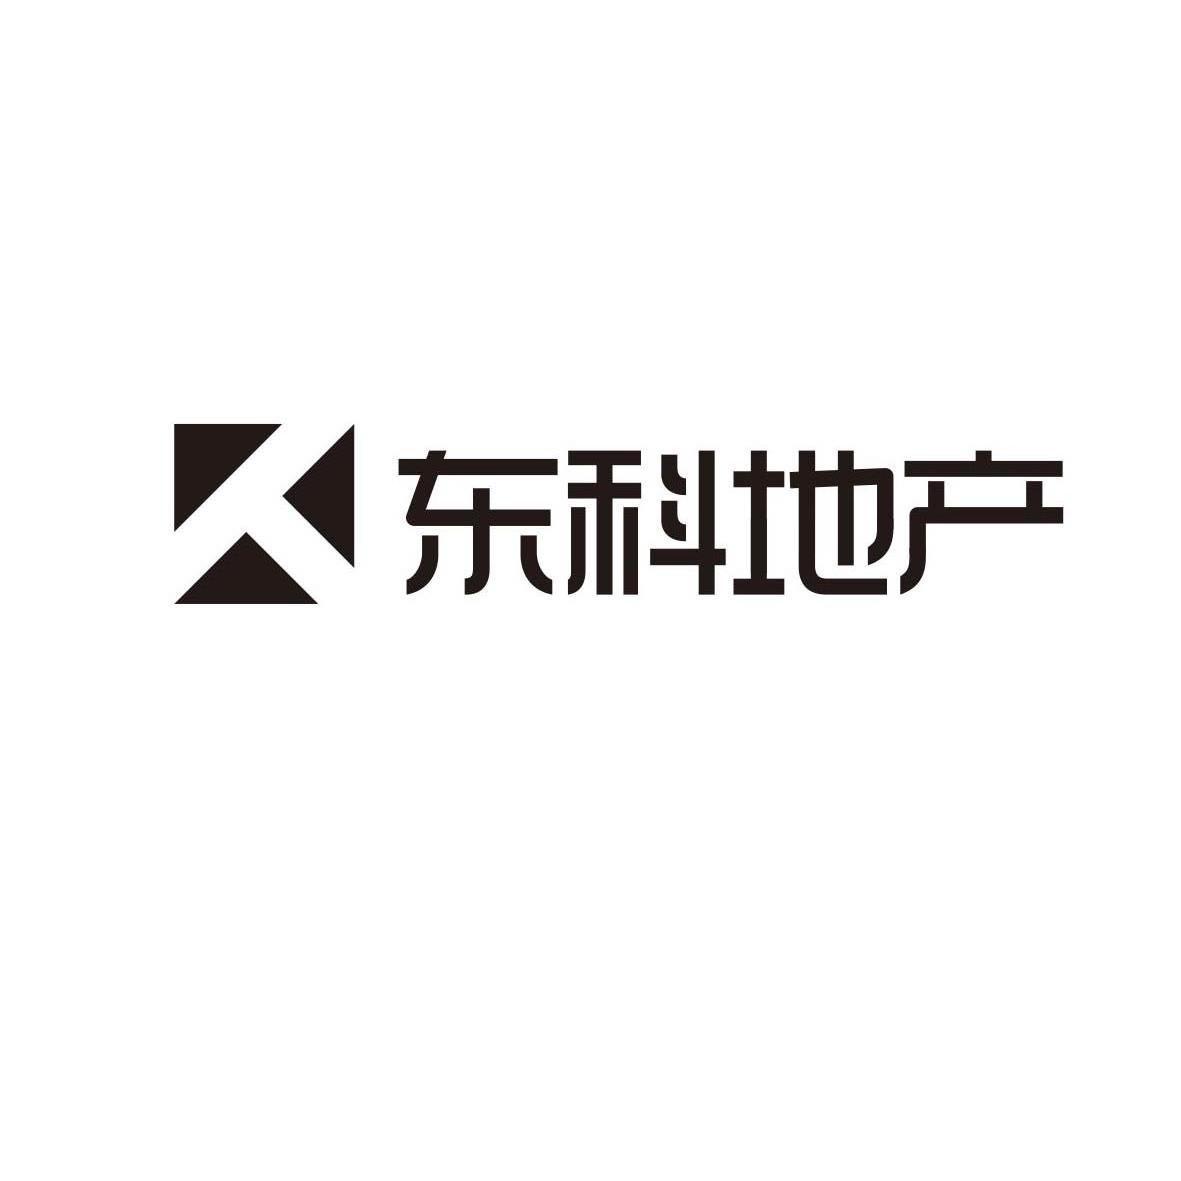 logo logo 标志 设计 矢量 矢量图 素材 图标 1181_1181图片